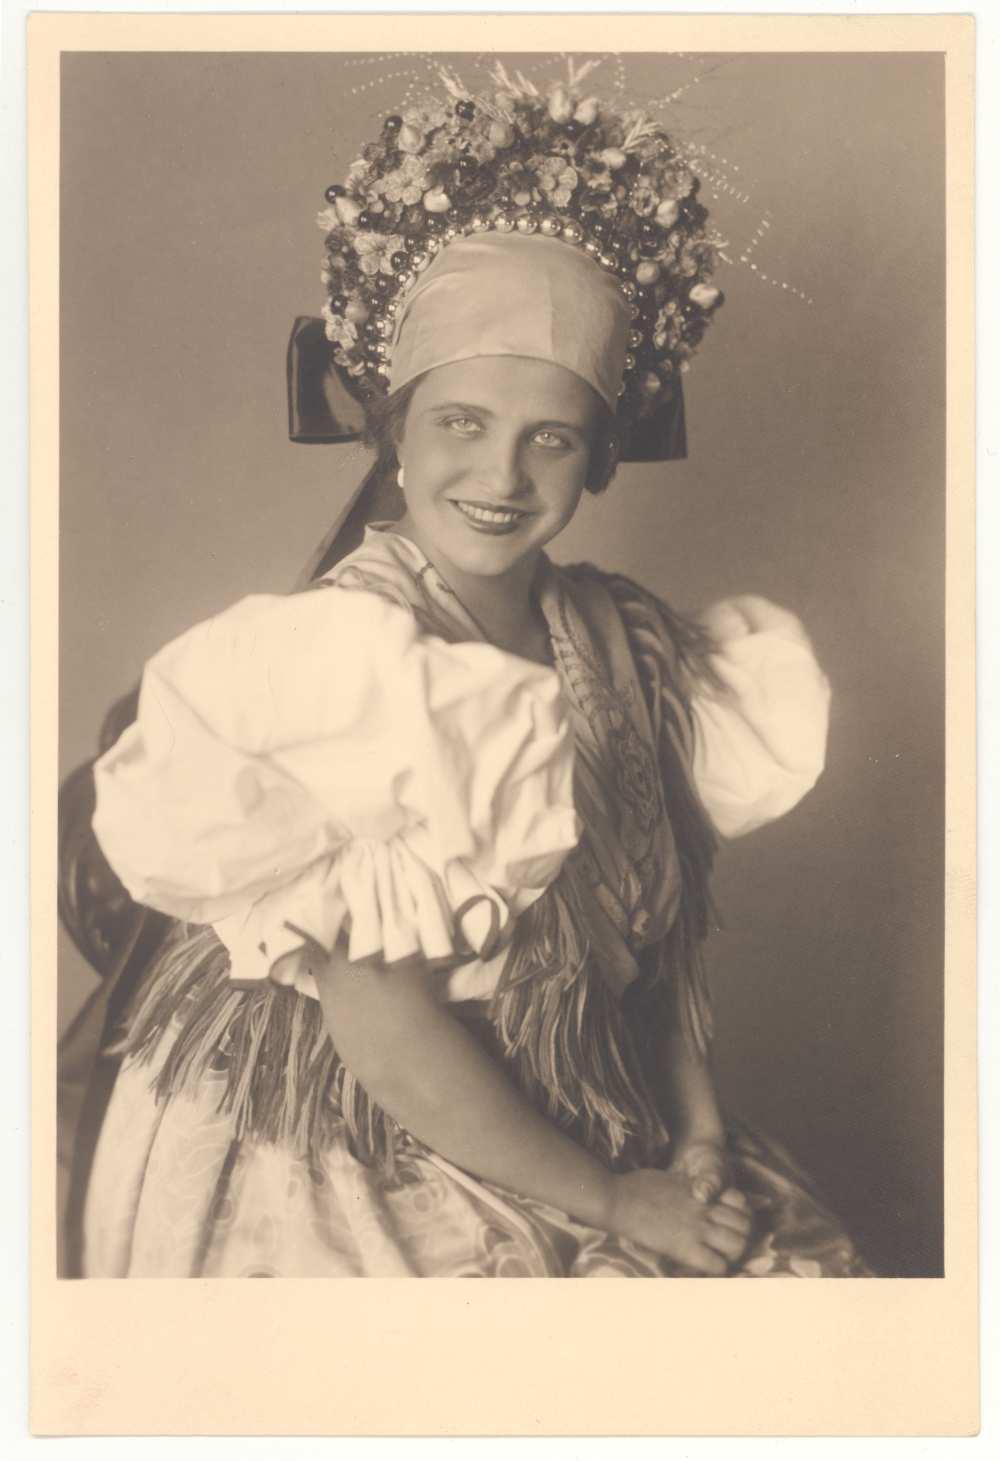 Kodály Zoltán: Háry János. Nagy Izabella mint Örzse, 1926. Fotó. Vajda M. Pál. Jelzet: KB 17.386 – Színháztörténeti és Zeneműtár